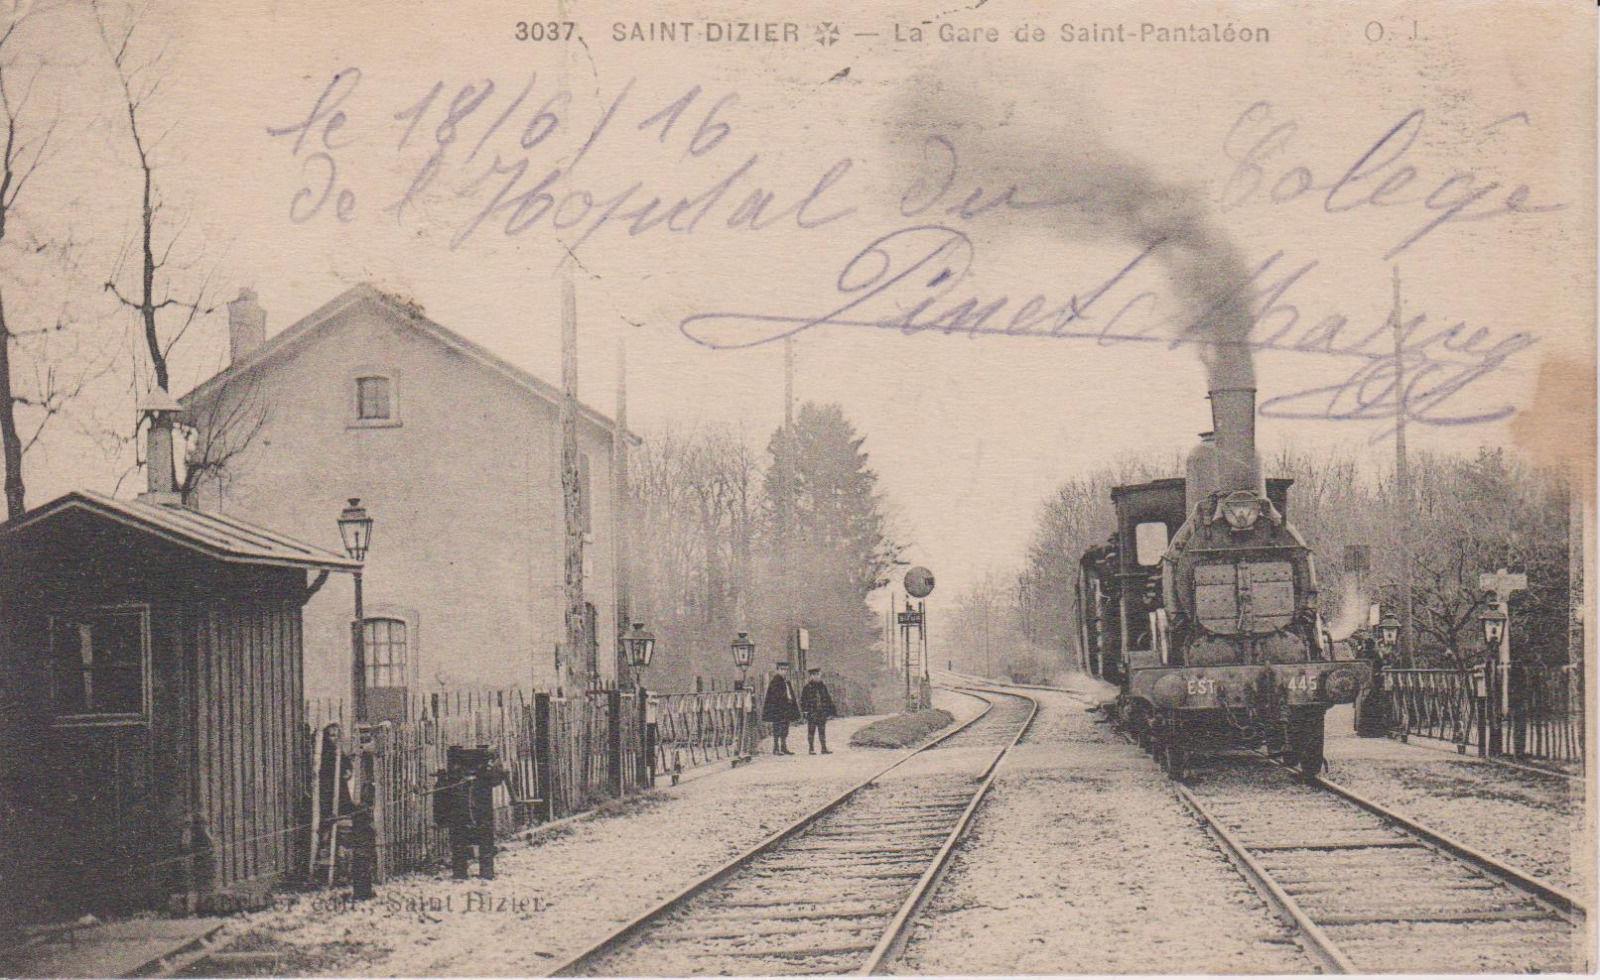 14 18 le blog de daniel saillant auguste kugler chef de for Saint dizier haute marne